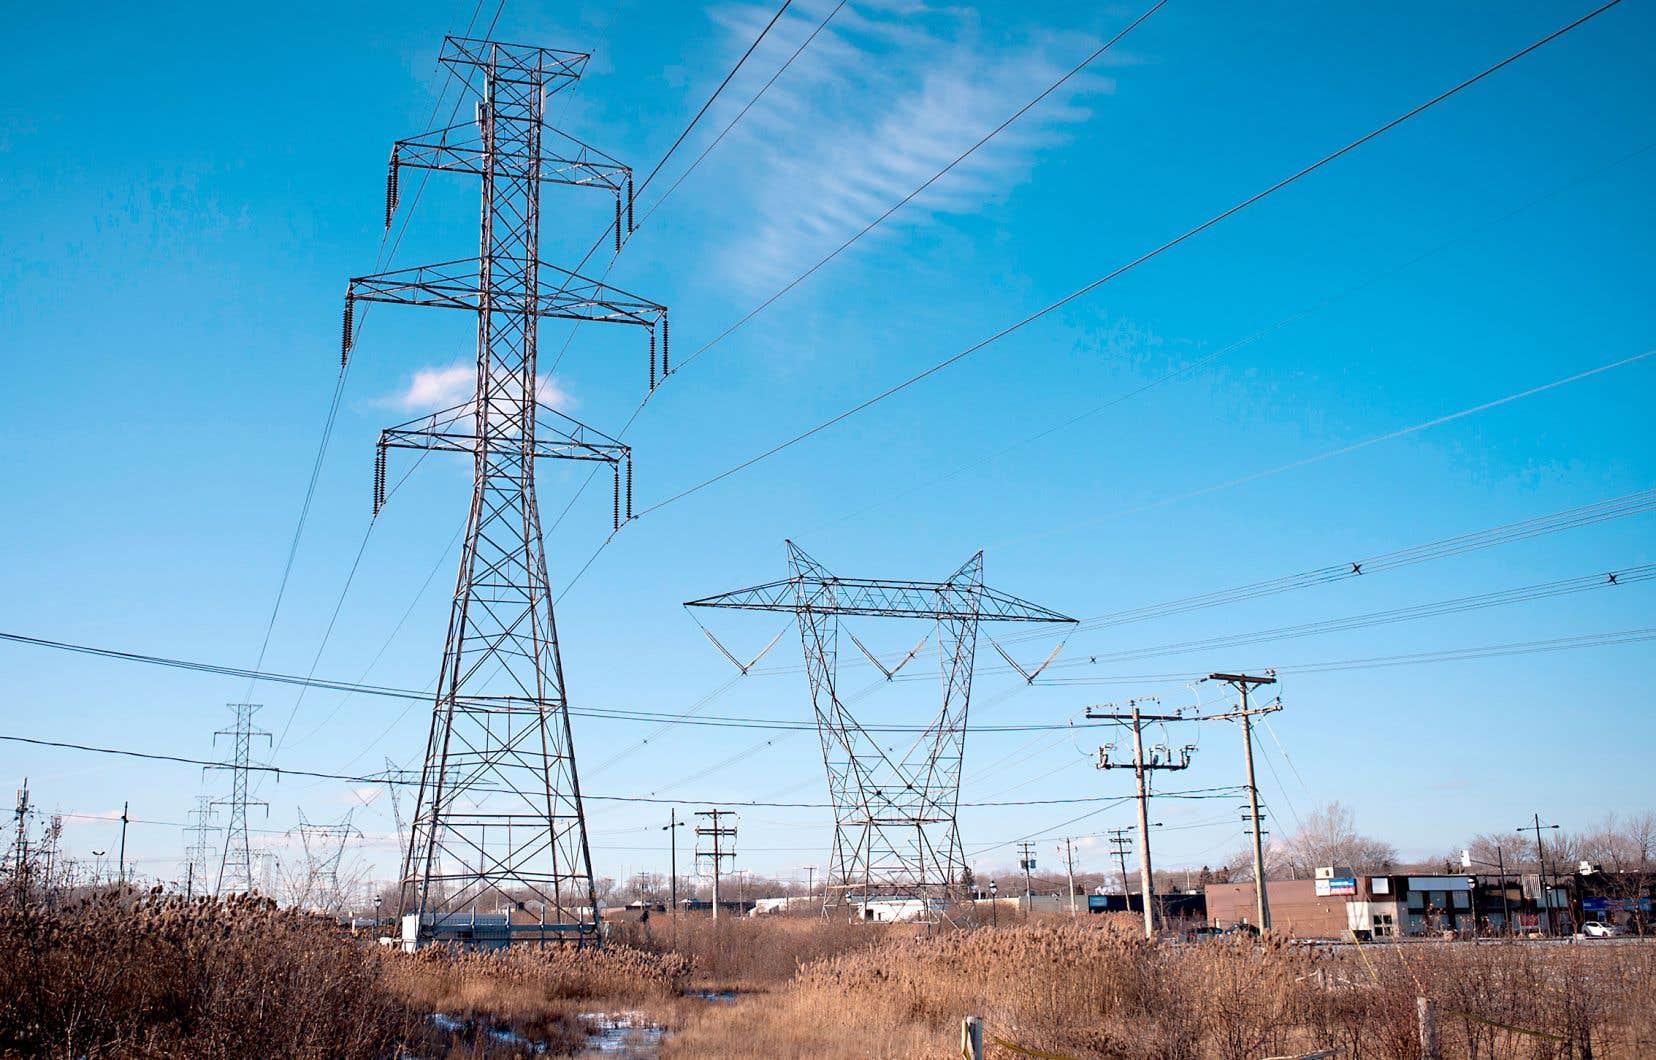 Le contrat de 47 TWh au Nouveau-Brunswick, où Hydro-Québec a envoyé 7% de ses exportations en 2018, générera pour la société d'État des revenus d'un peu plus de 2milliards sur sa durée.